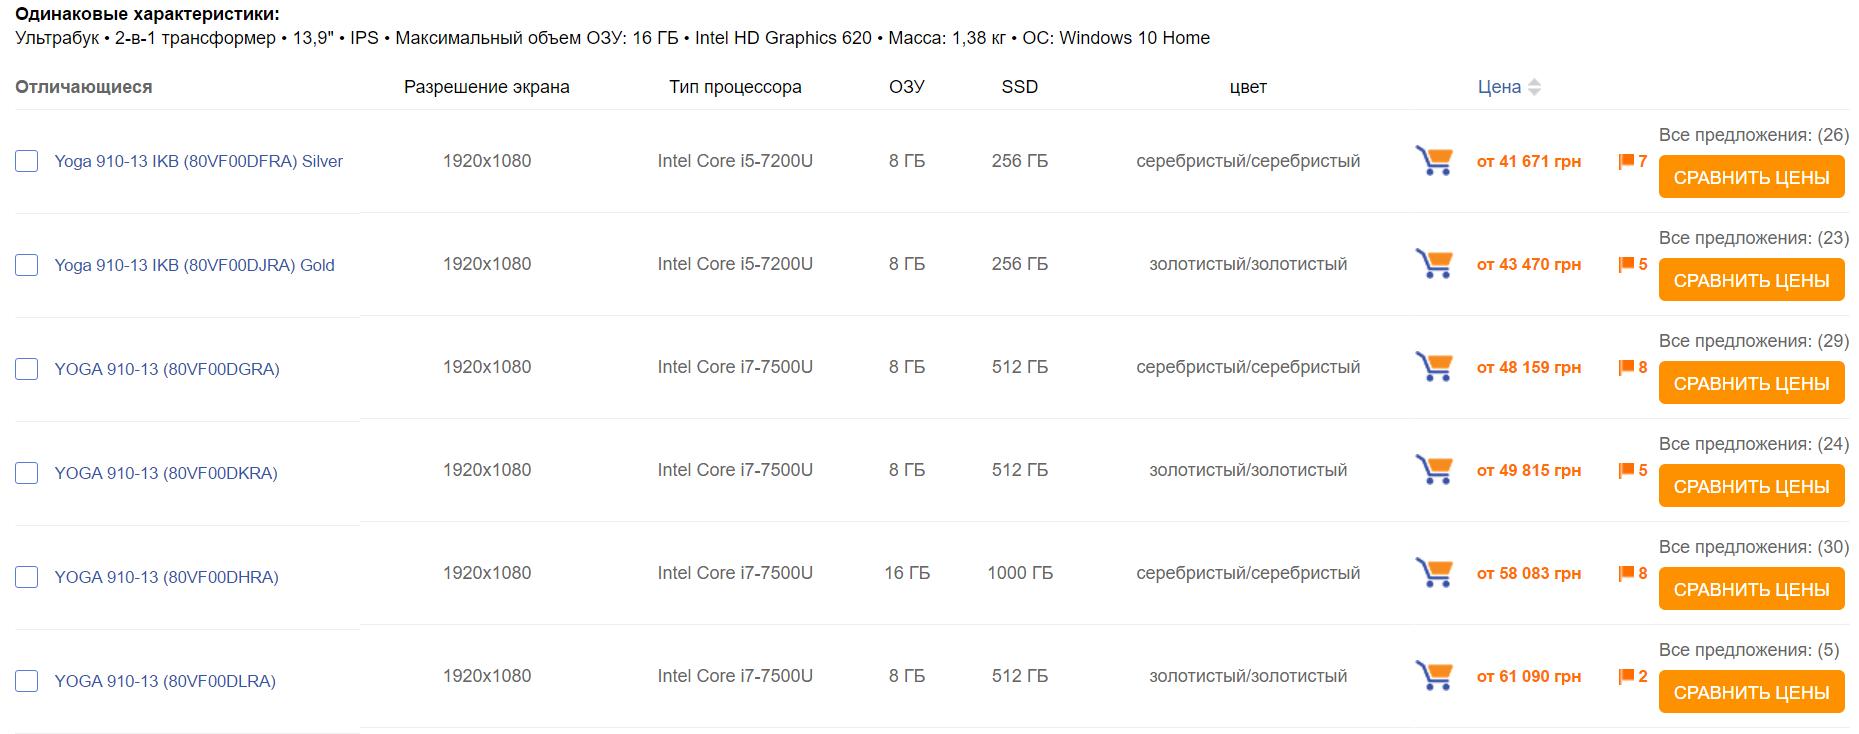 Обзор Lenovo Yoga 910: много хорошего